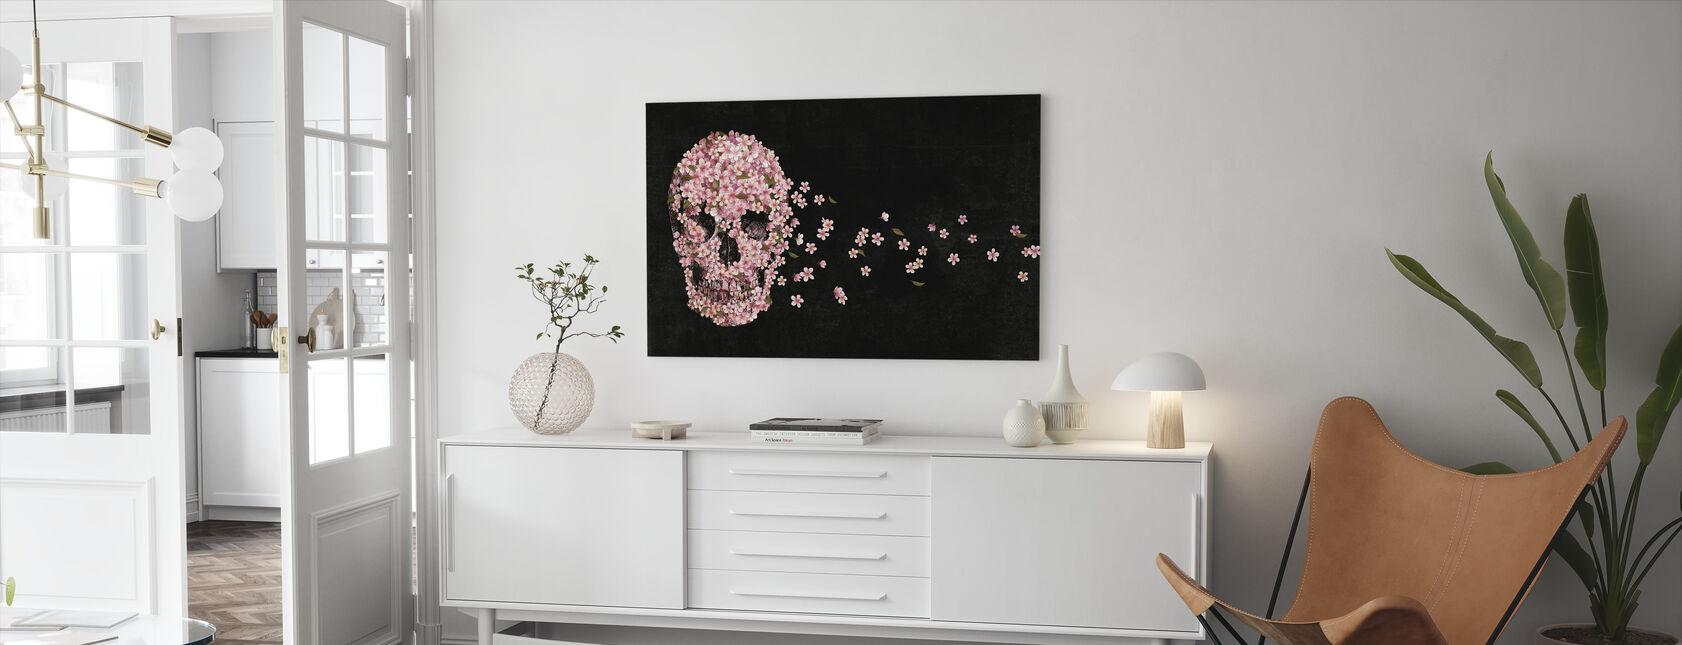 Vakker død - Lerretsbilde - Stue